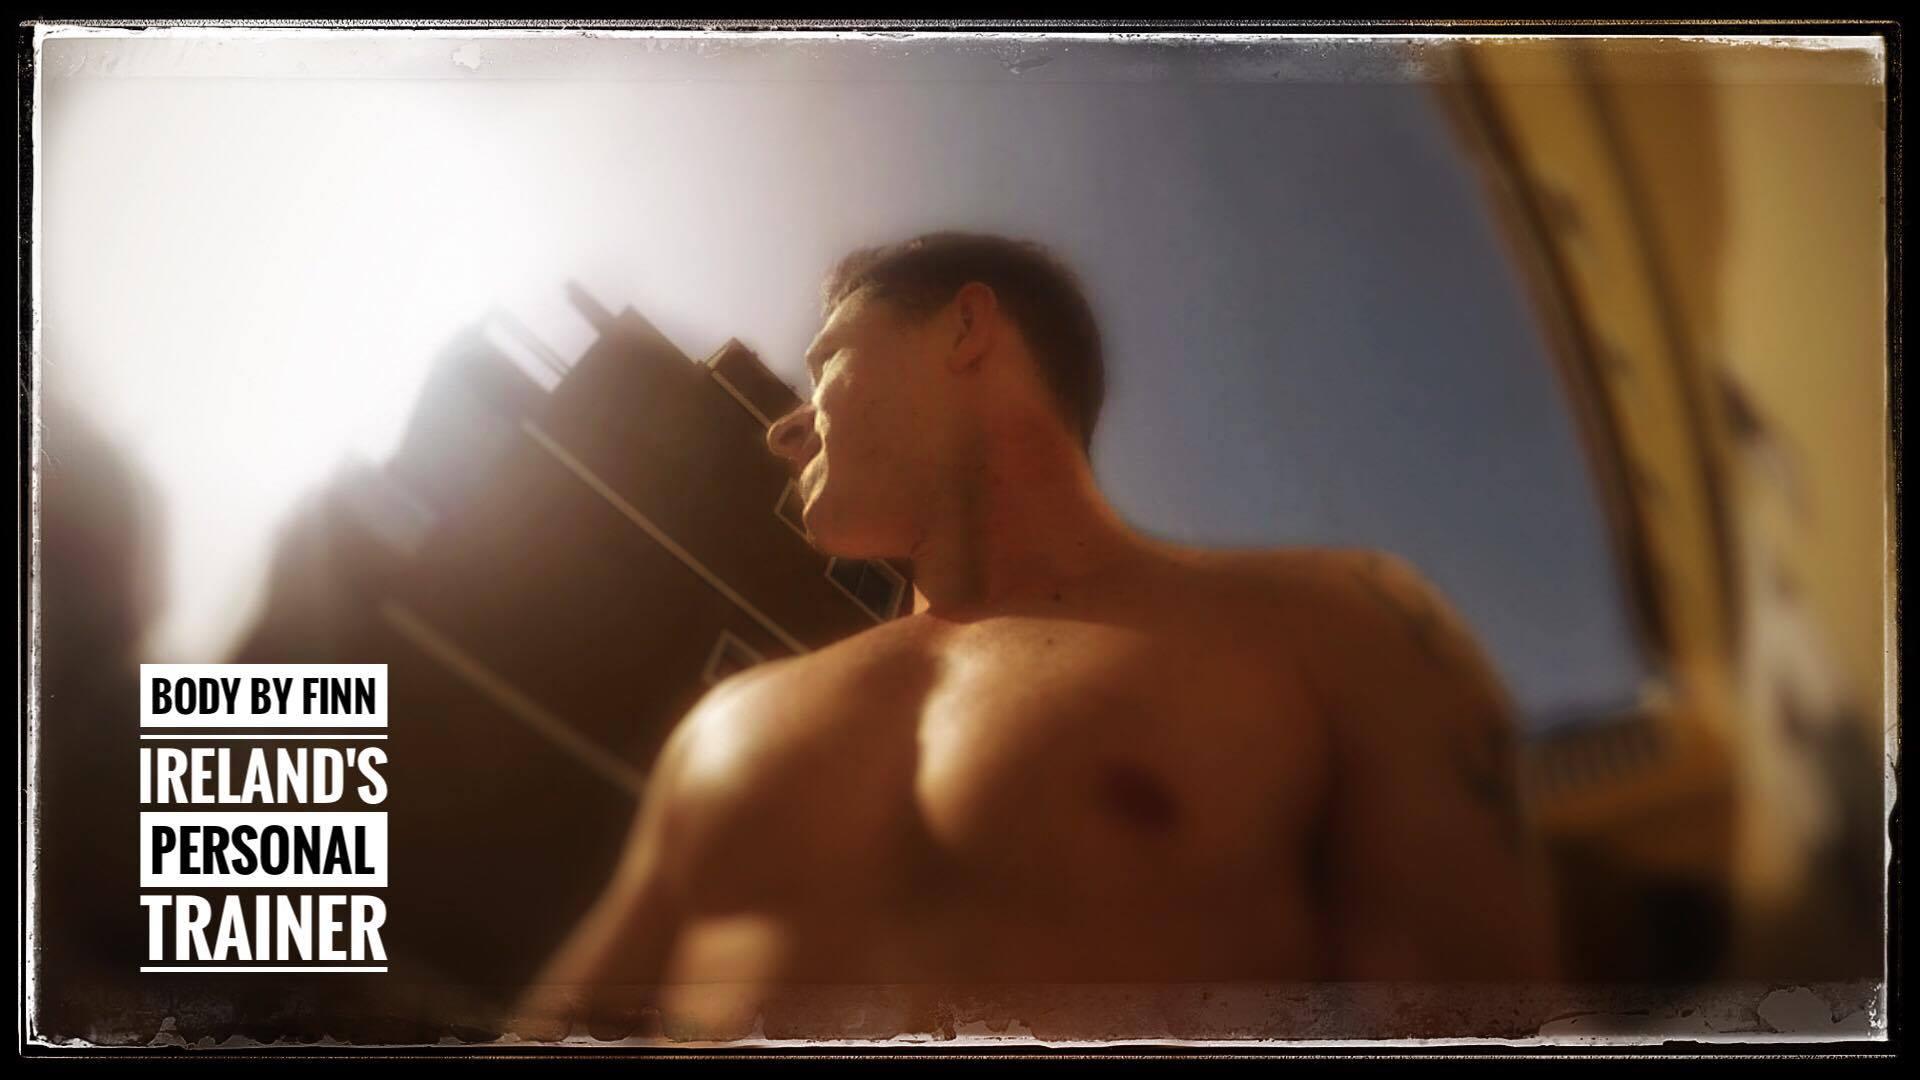 Ireland's Personal Trainer under sun